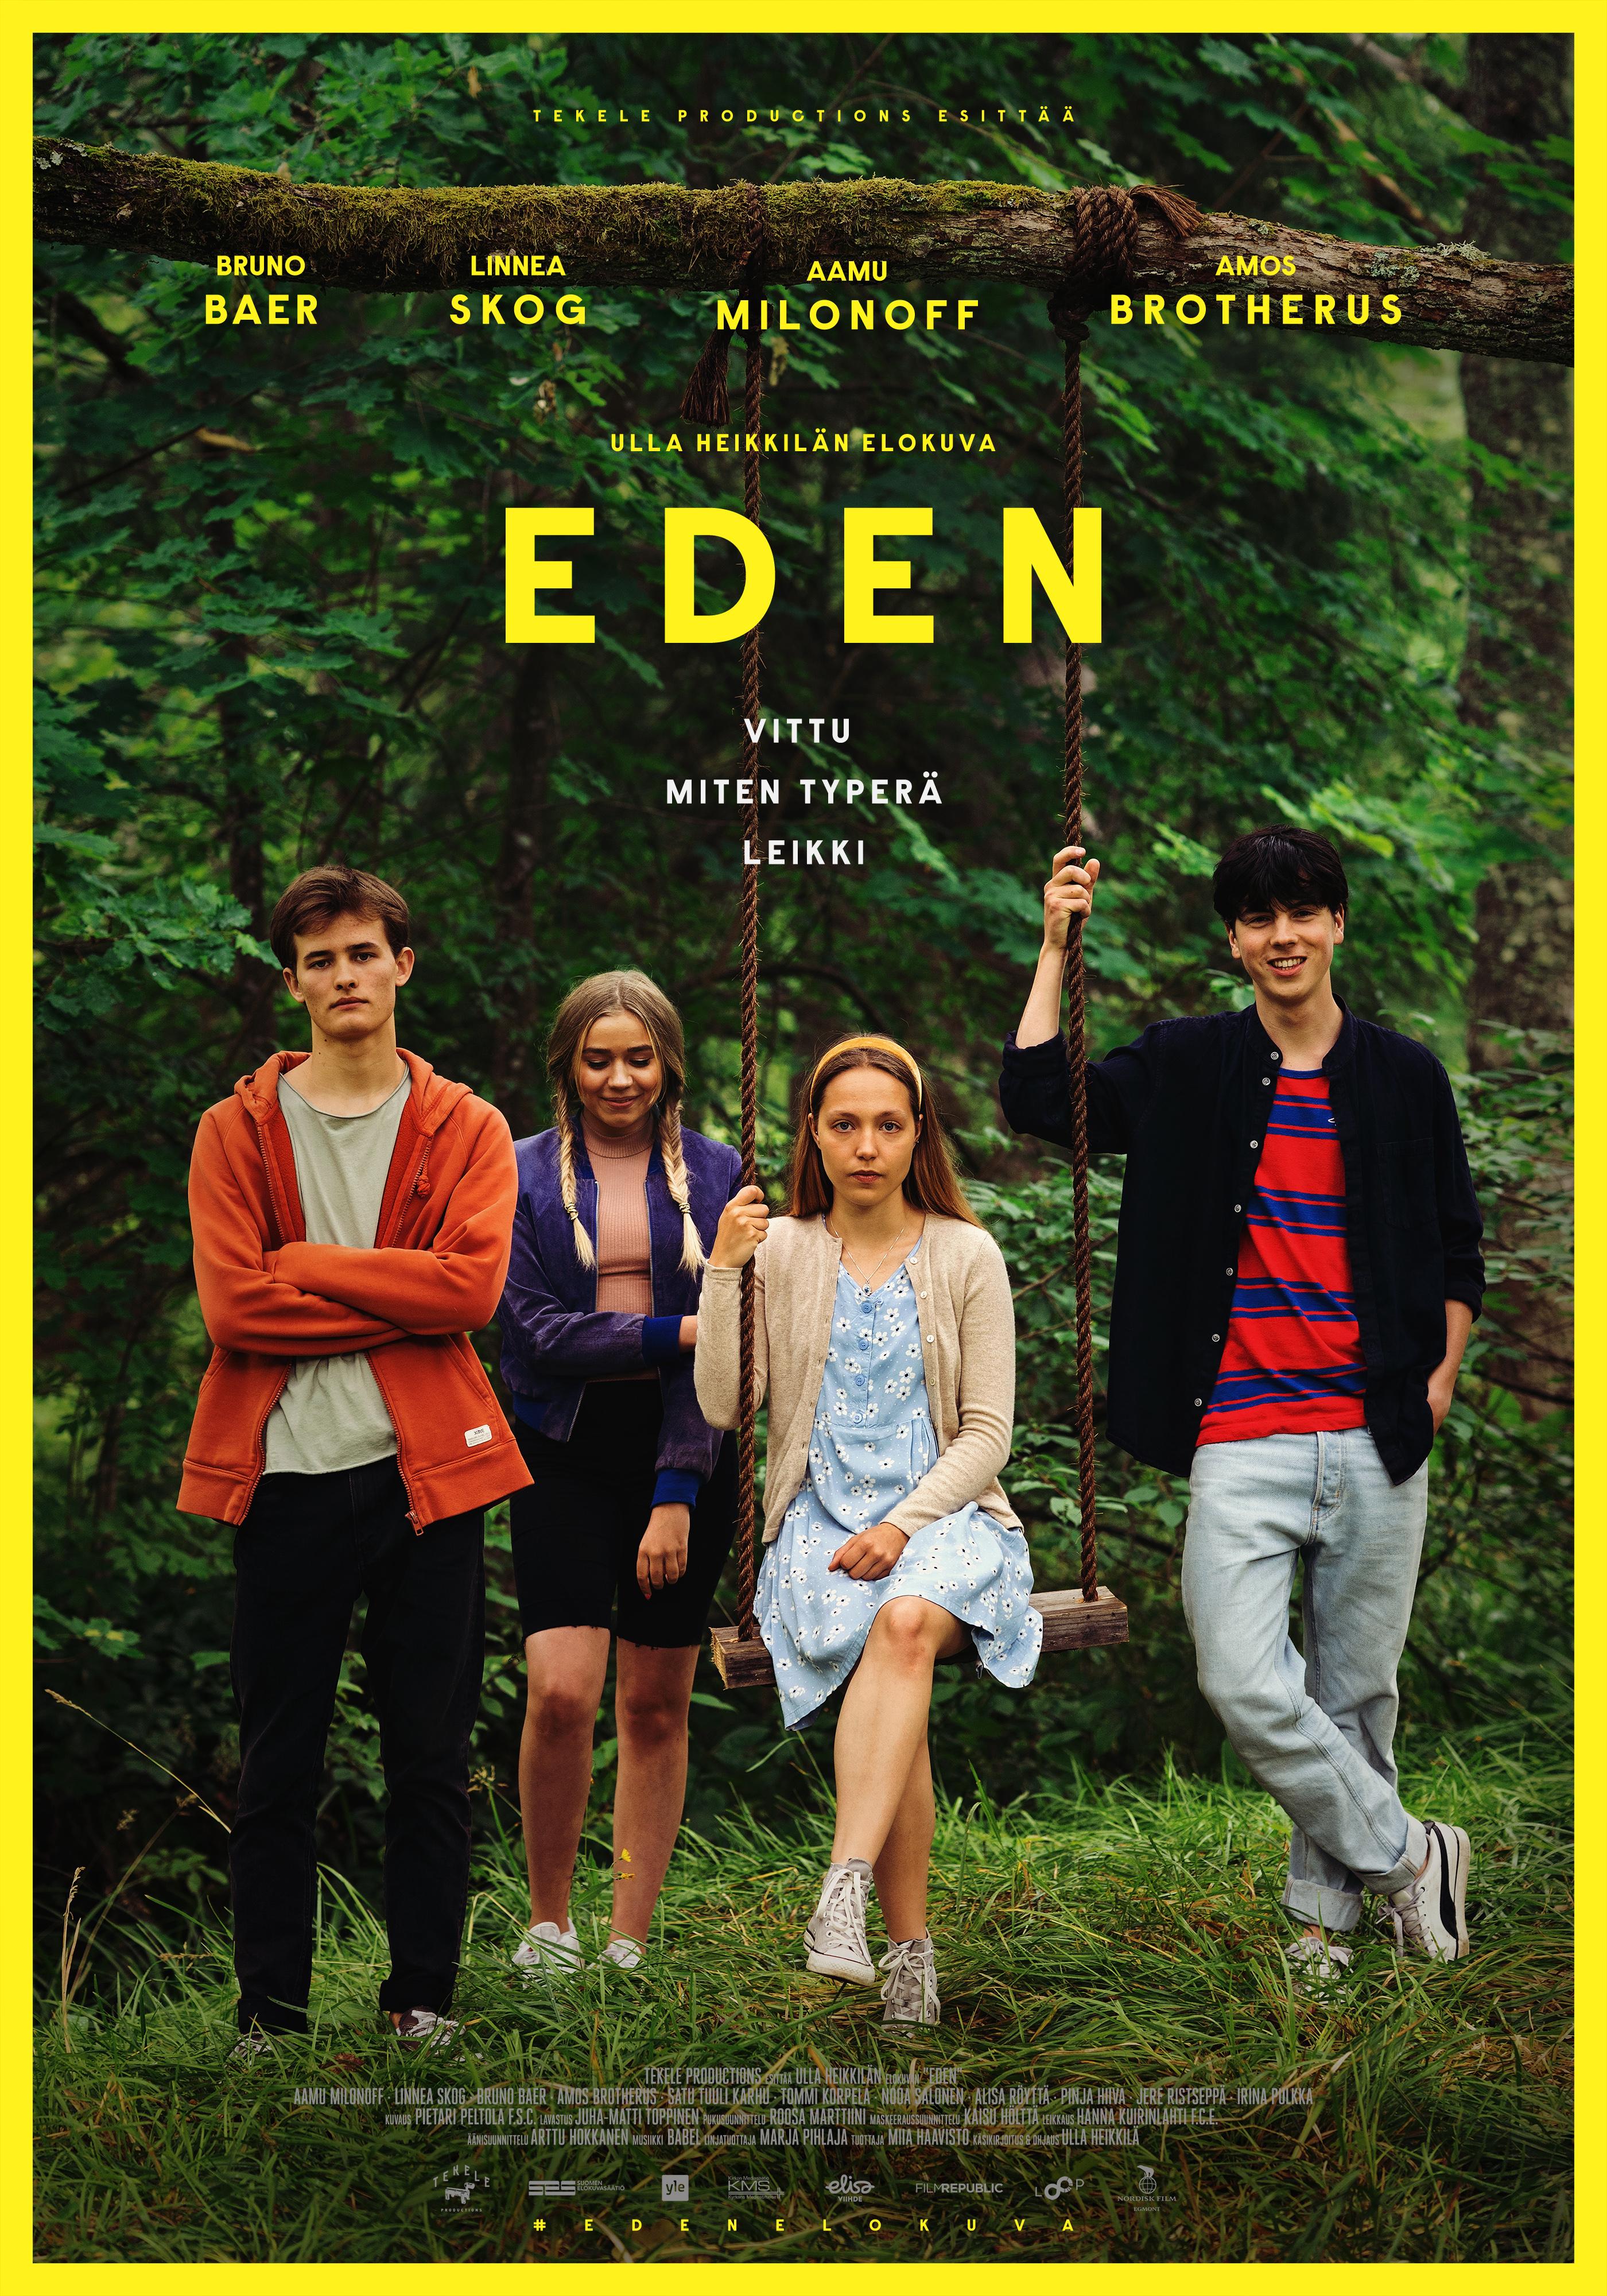 Aikuistumisesta, vapaudesta ja suurista tunteista kertova elokuva Eden Kangasala-talon K-Kinossa elokuussa 2020.